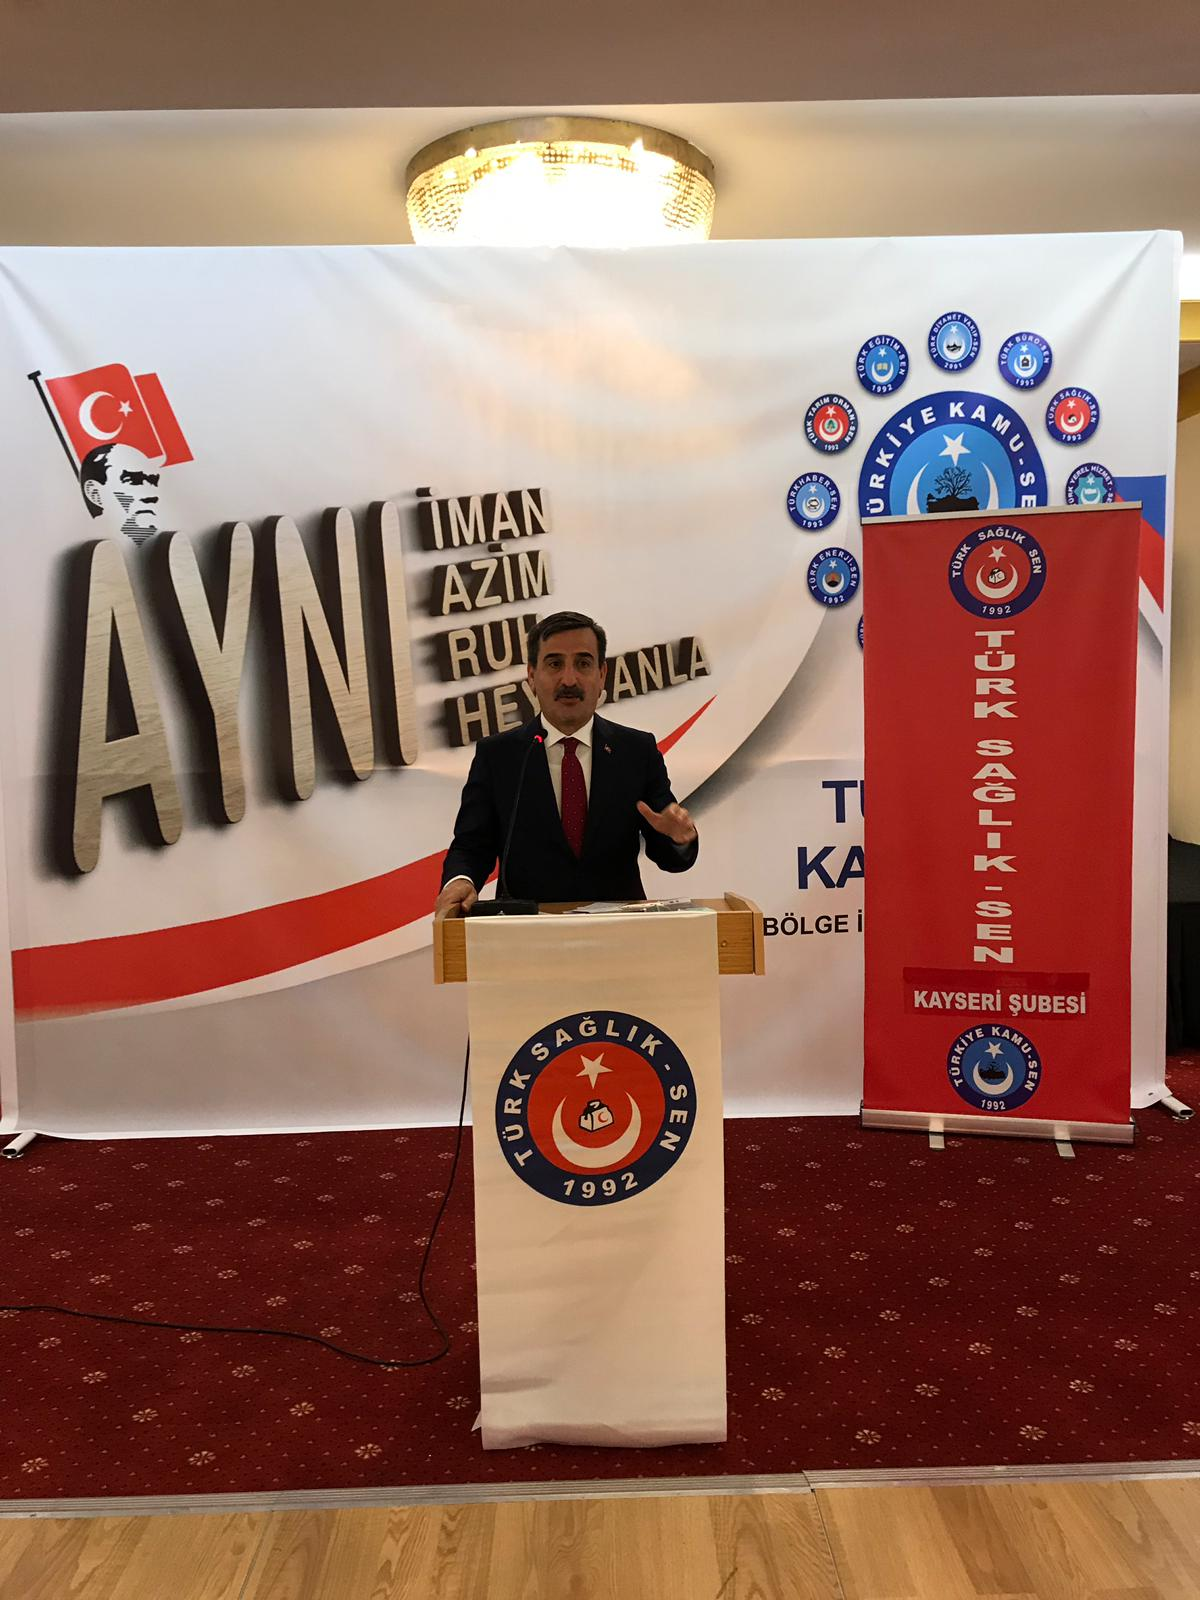 Genel Başkanımız Önder Kahveci ve Genel Başkan yardımcılarımız sendikal çalışmalar kapsamında Kayseri'yi ziyaret ettiler.